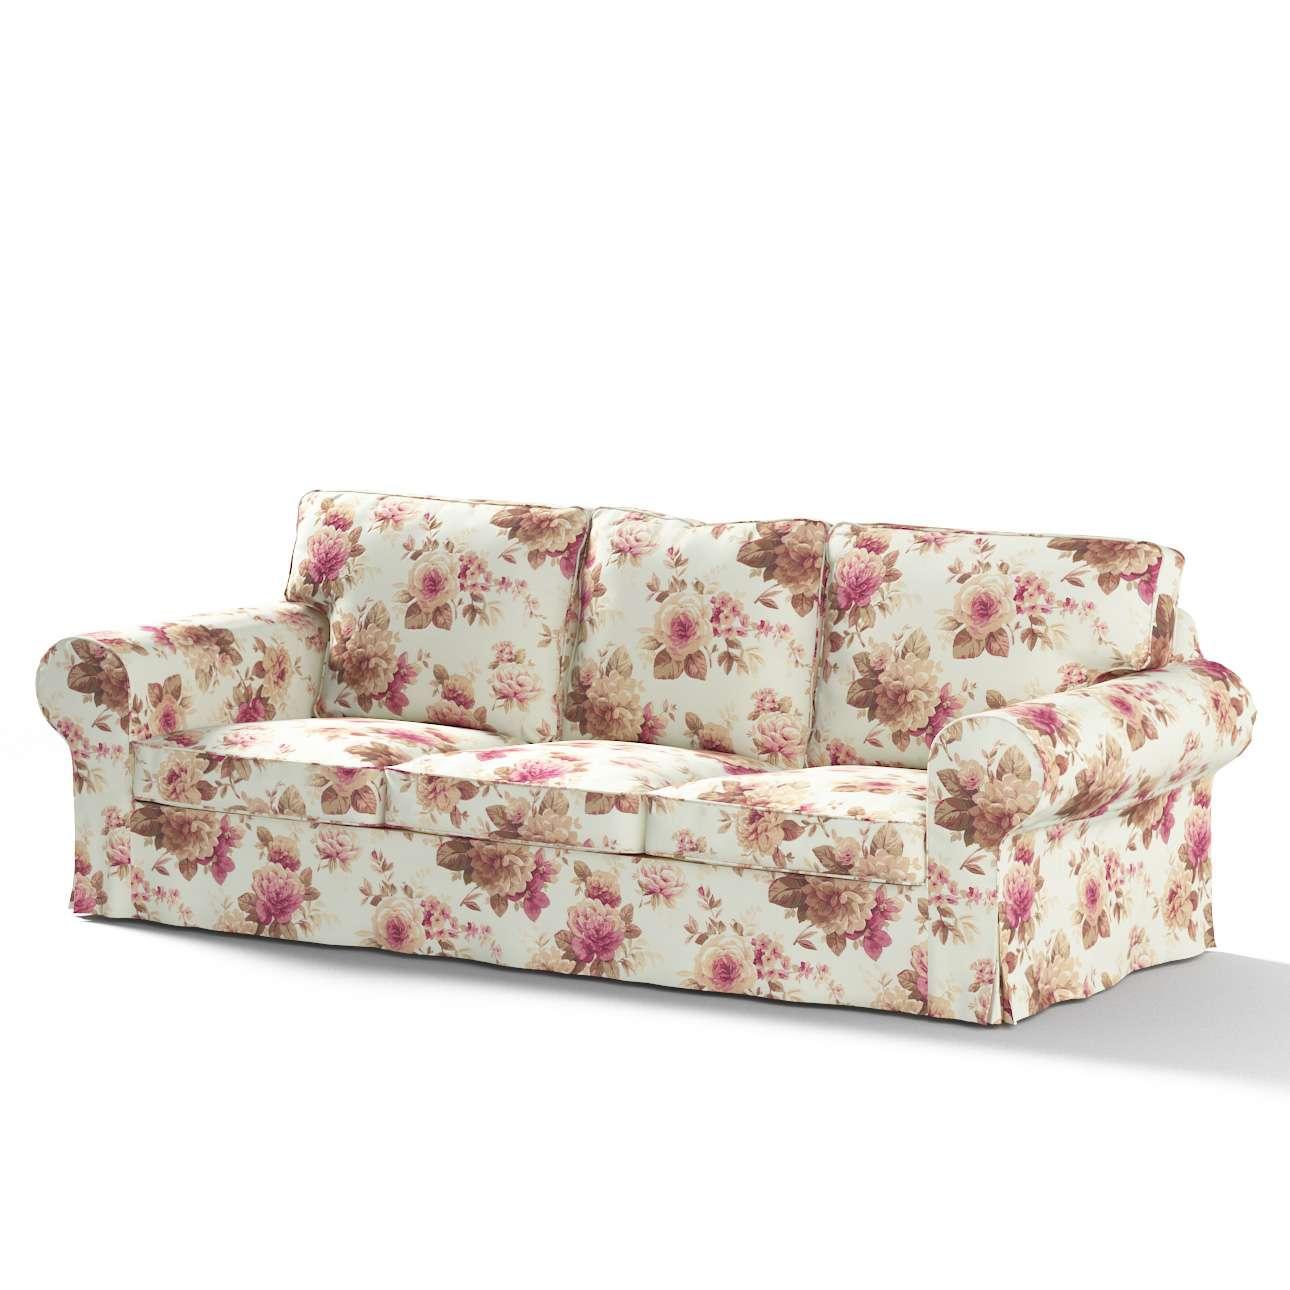 Ektorp 3 sæder Betræk uden sofa fra kollektionen Mirella, Stof: 141-06